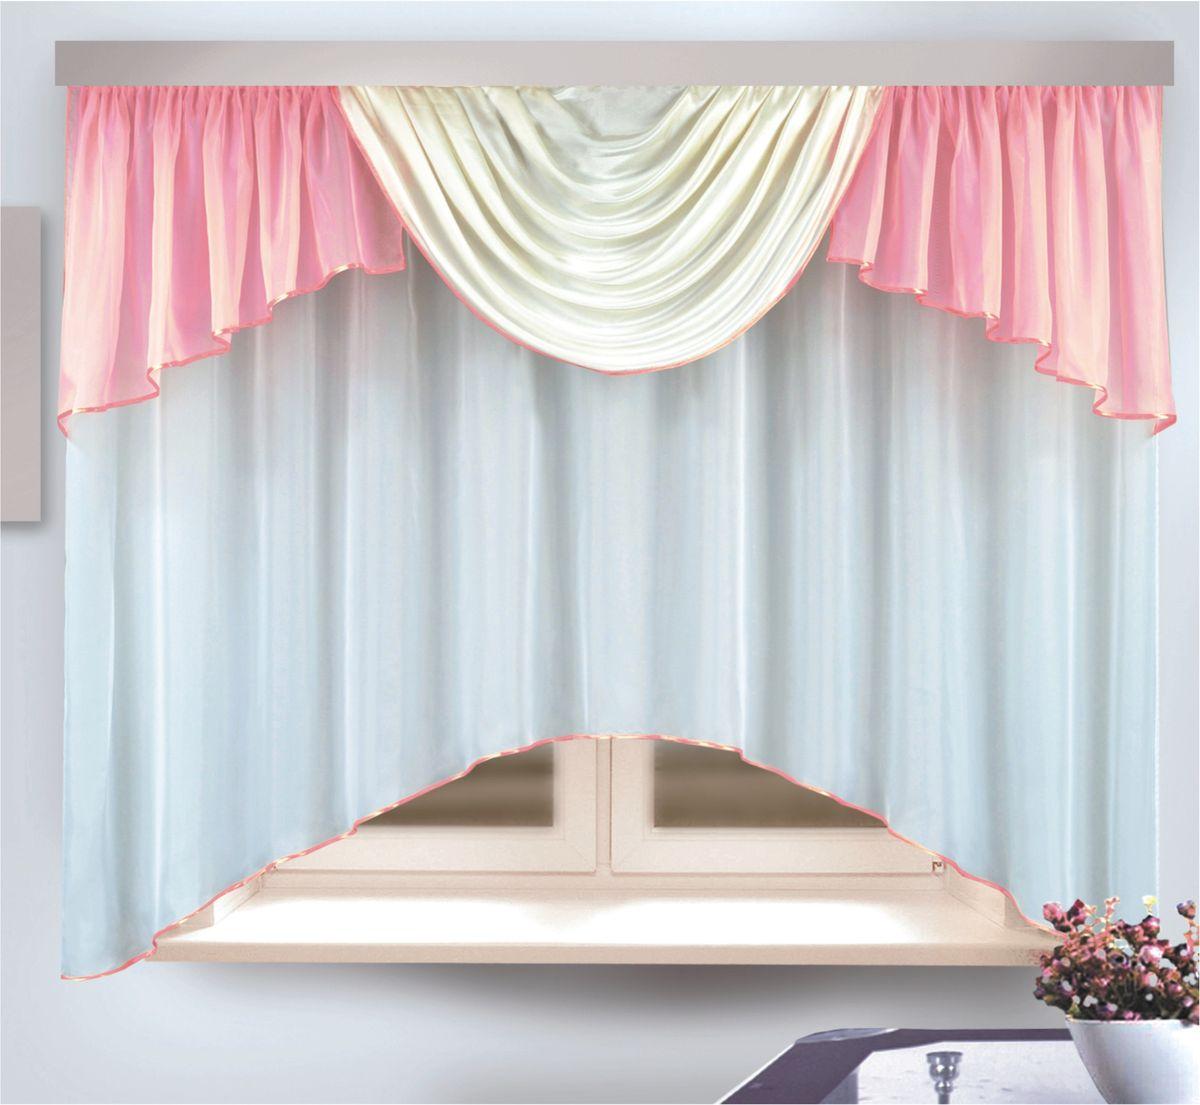 Комплект штор для кухни Zlata Korunka, на ленте, цвет: розовый, высота 170 см. 333312333312Комплект штор для кухни Zlata Korunka, выполненный из полиэстера, великолепно украсит любое окно. Комплект состоит из тюля и ламбрекена. Оригинальный крой и приятная цветовая гамма привлекут к себе внимание и органично впишутся в интерьер помещения. Этот комплект будет долгое время радовать вас и вашу семью! Комплект крепится на карниз при помощи ленты, которая поможет красиво и равномерно задрапировать верх. В комплект входит: Тюль: 1 шт. Размер (Ш х В): 290 х 170 см. Ламбрекен: 1 шт. Размер (Ш х В): 450 х 80 см.